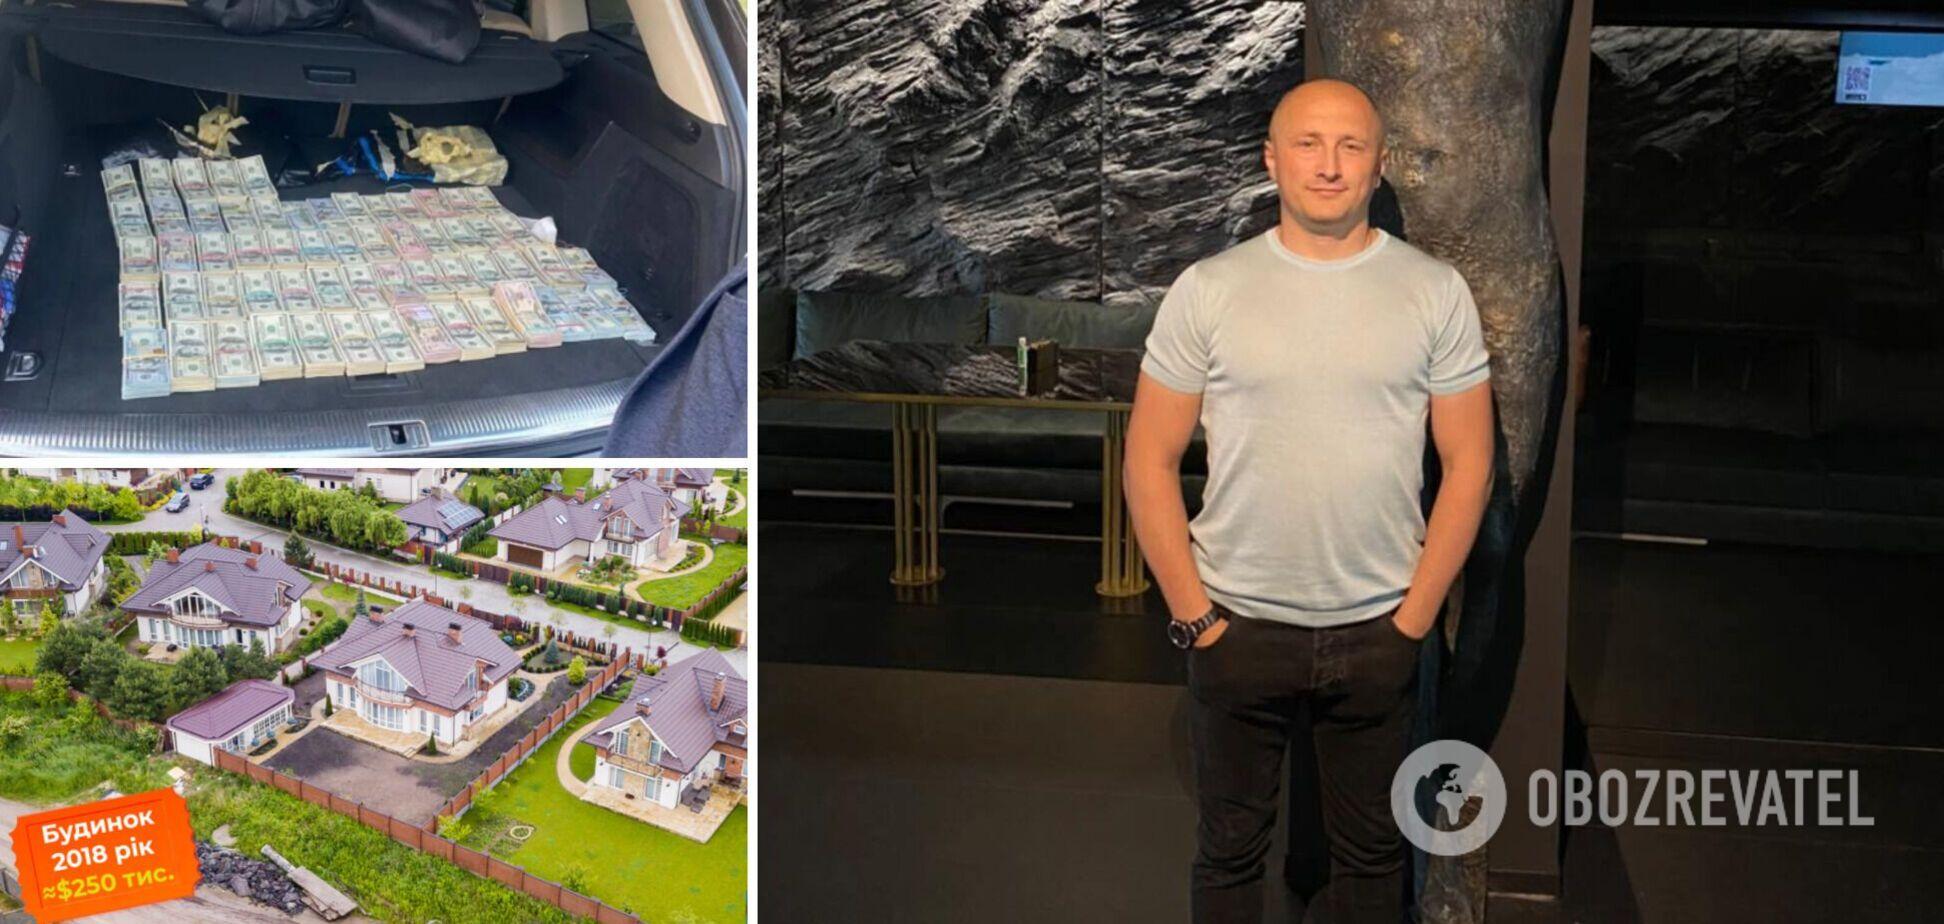 У сім'ї волинського митника, підозрюваного в контрабанді, виявили майна на $600 тисяч. Фото та відео